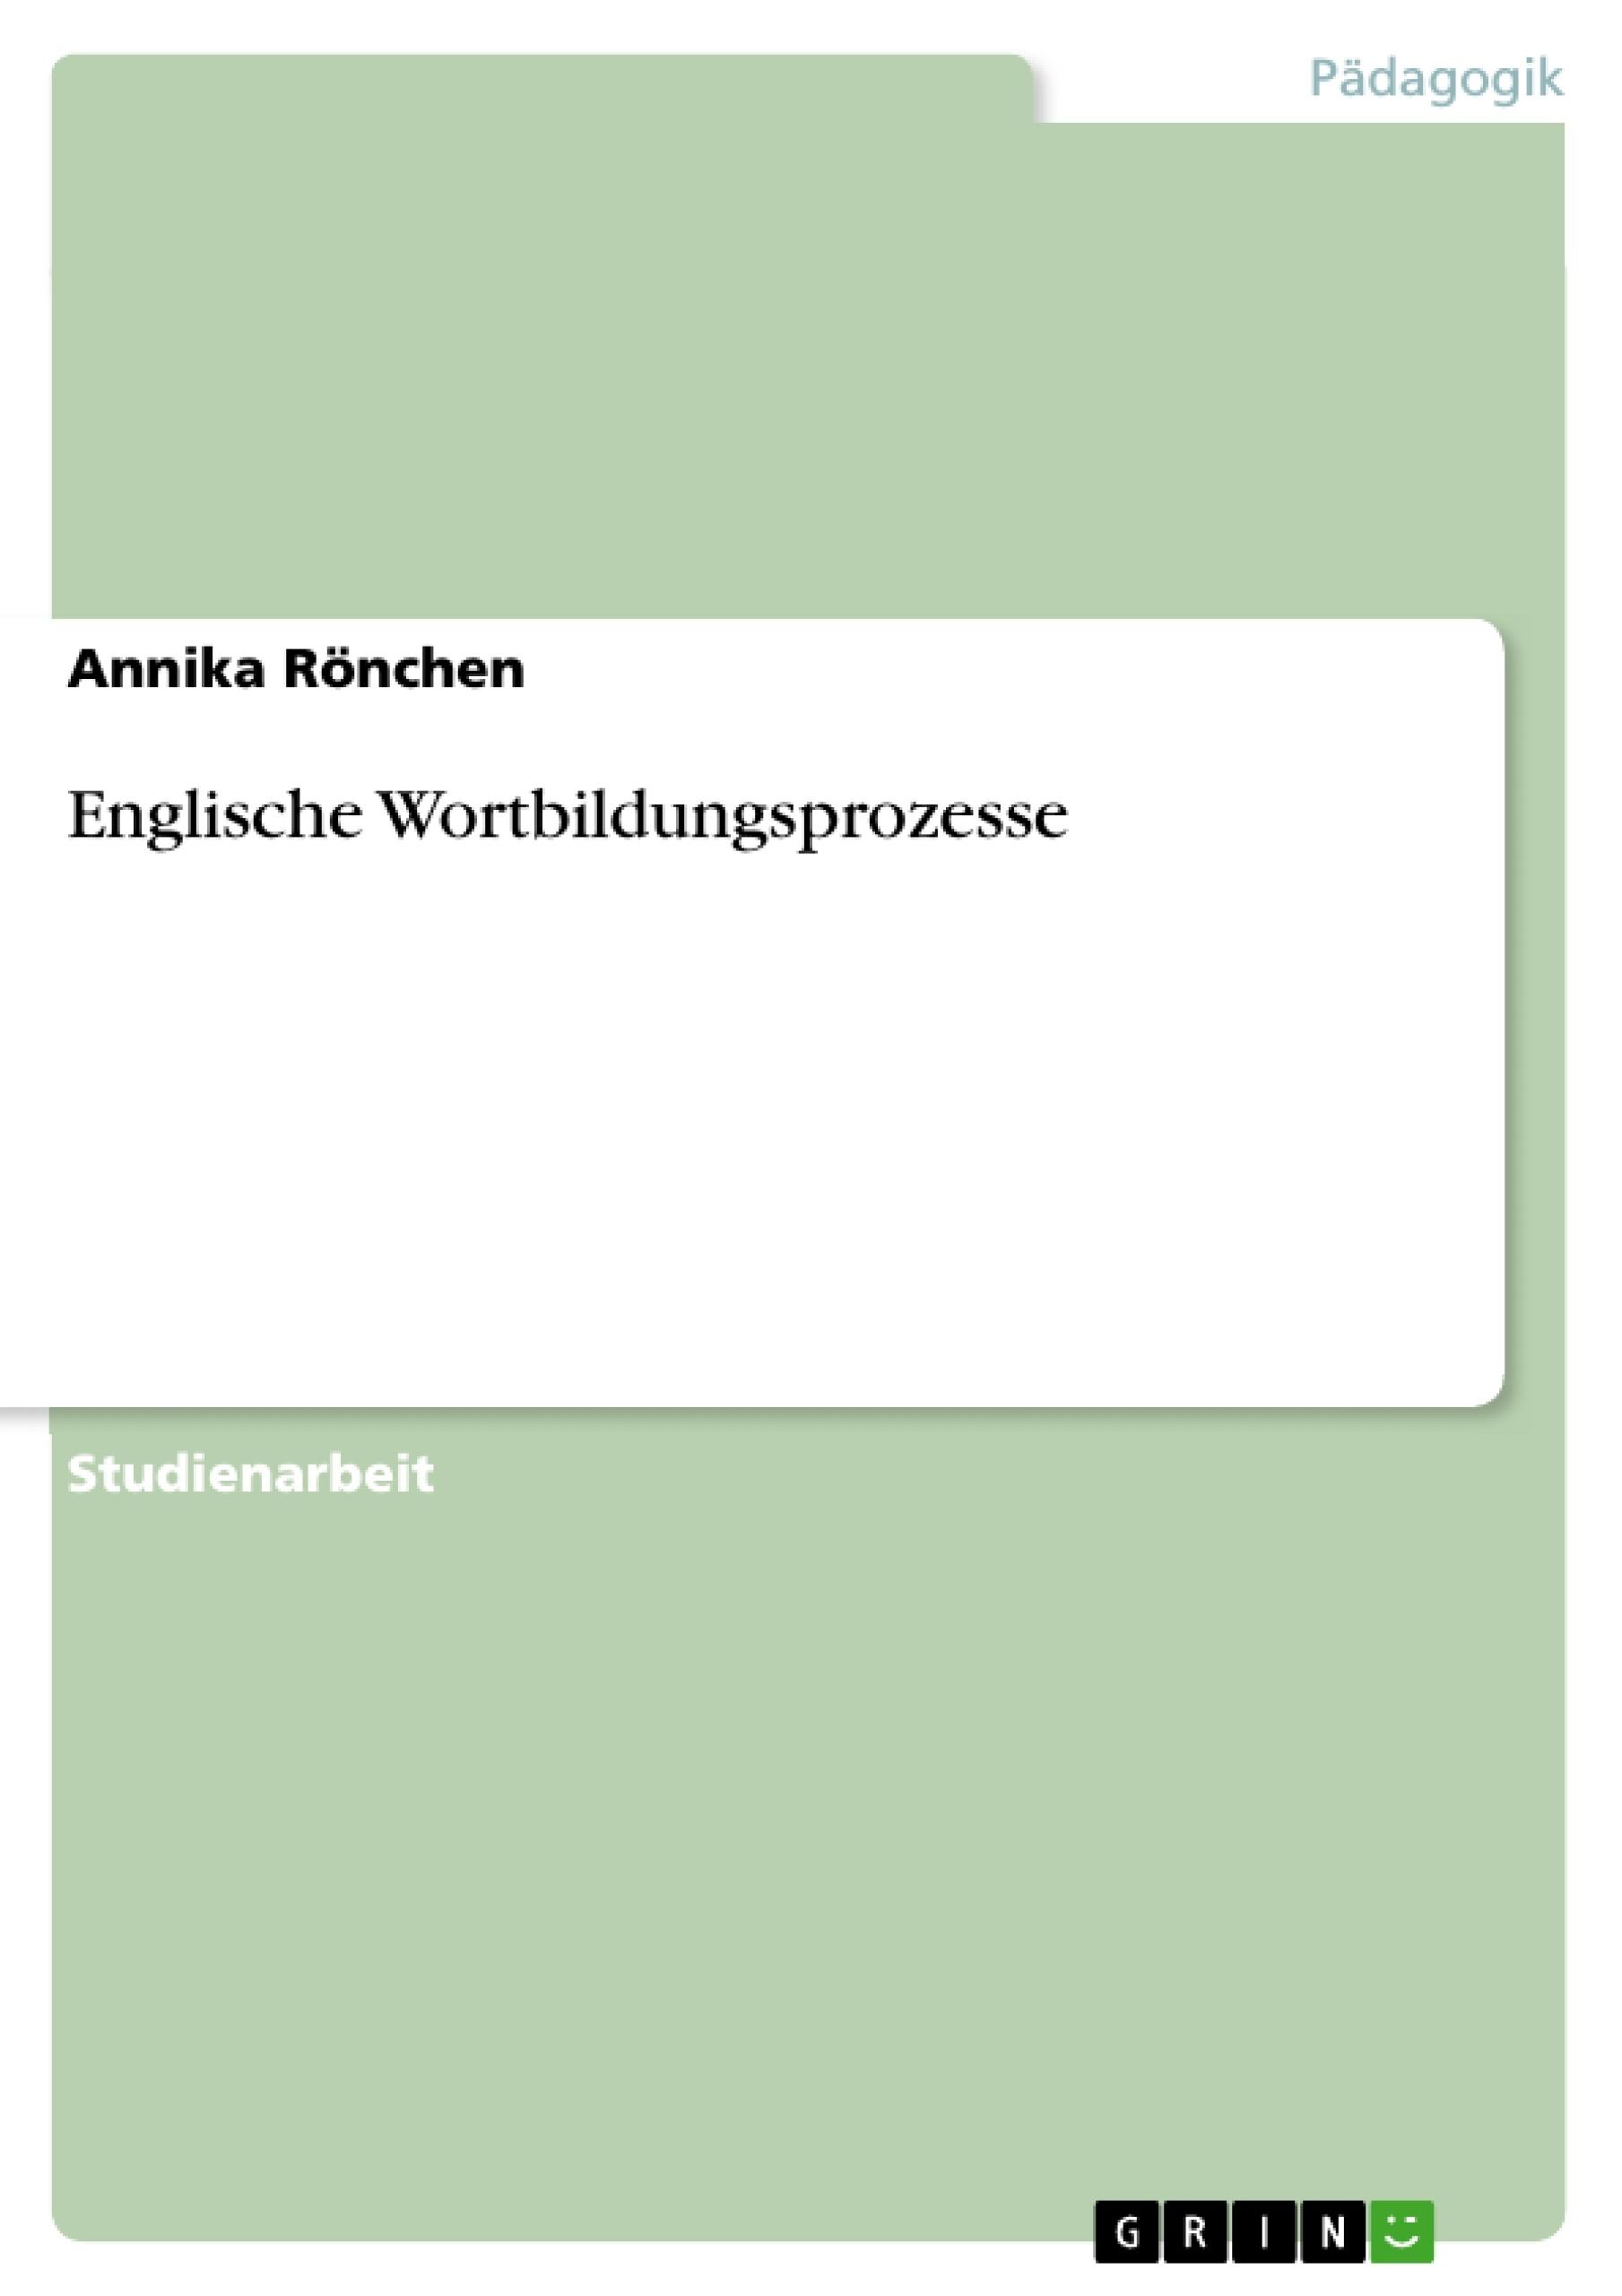 Titel: Englische Wortbildungsprozesse